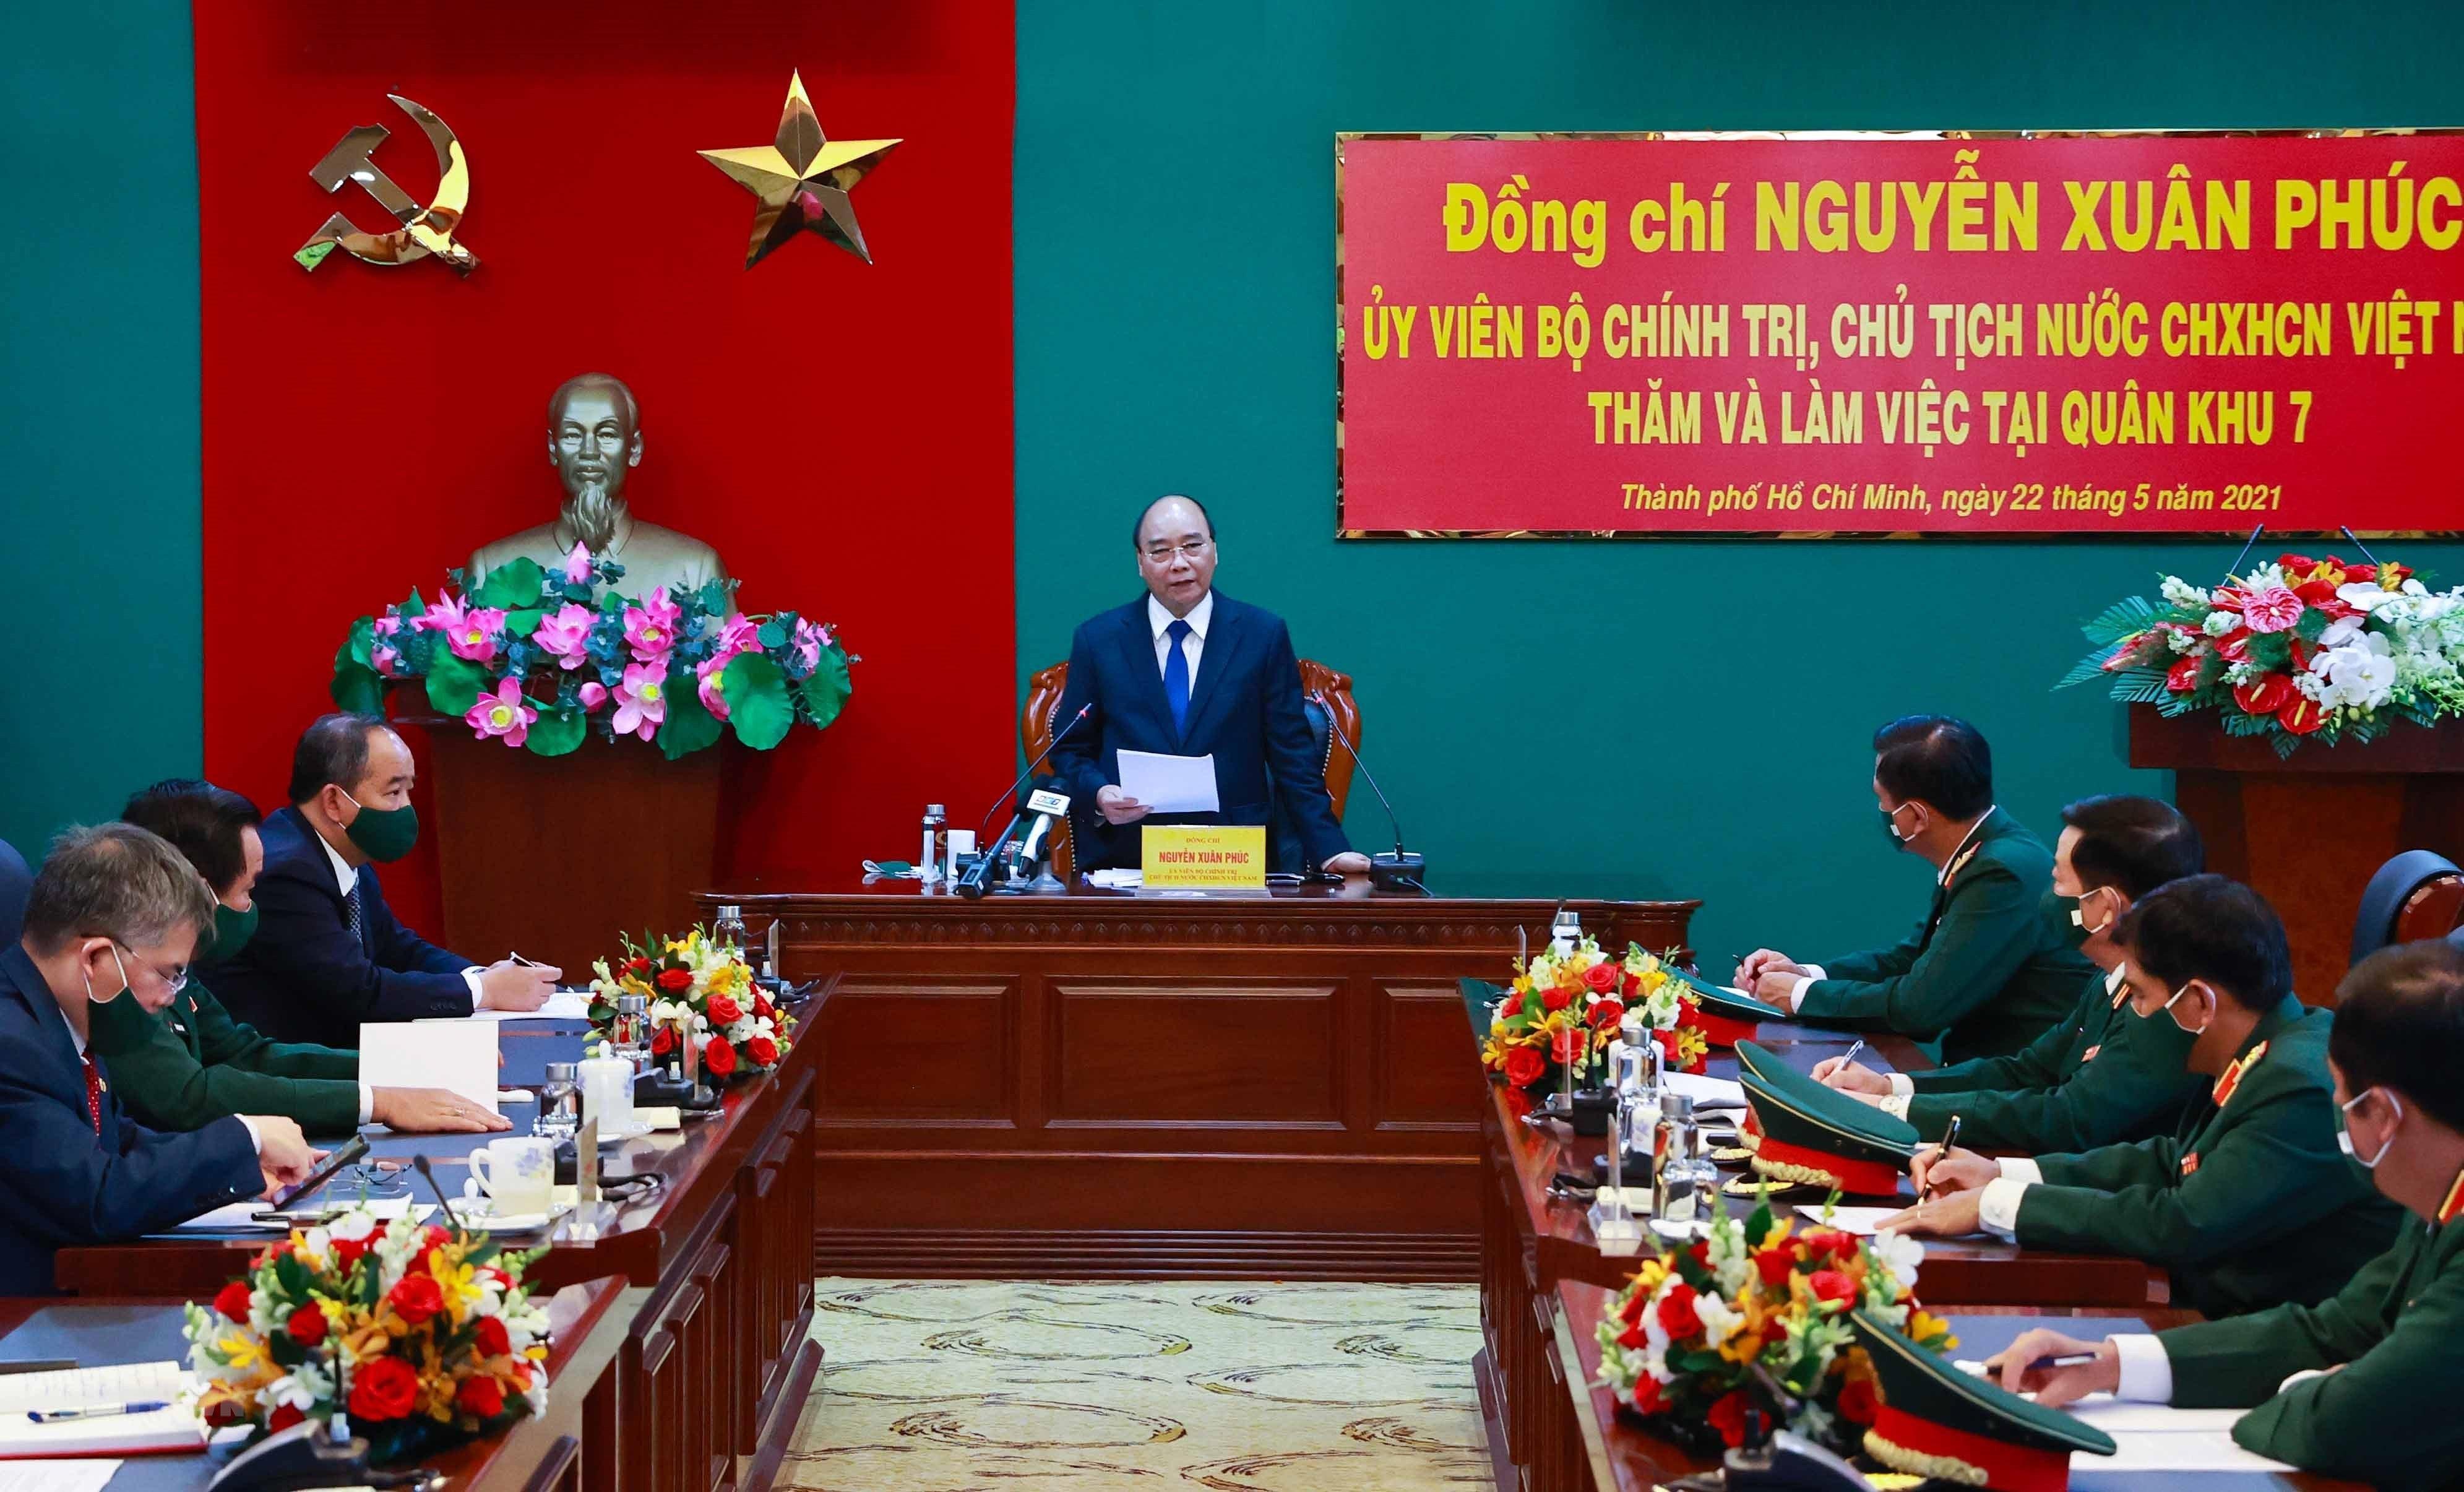 Hinh anh Chu tich nuoc Nguyen Xuan Phuc tham, lam viec tai Quan khu 7 hinh anh 1